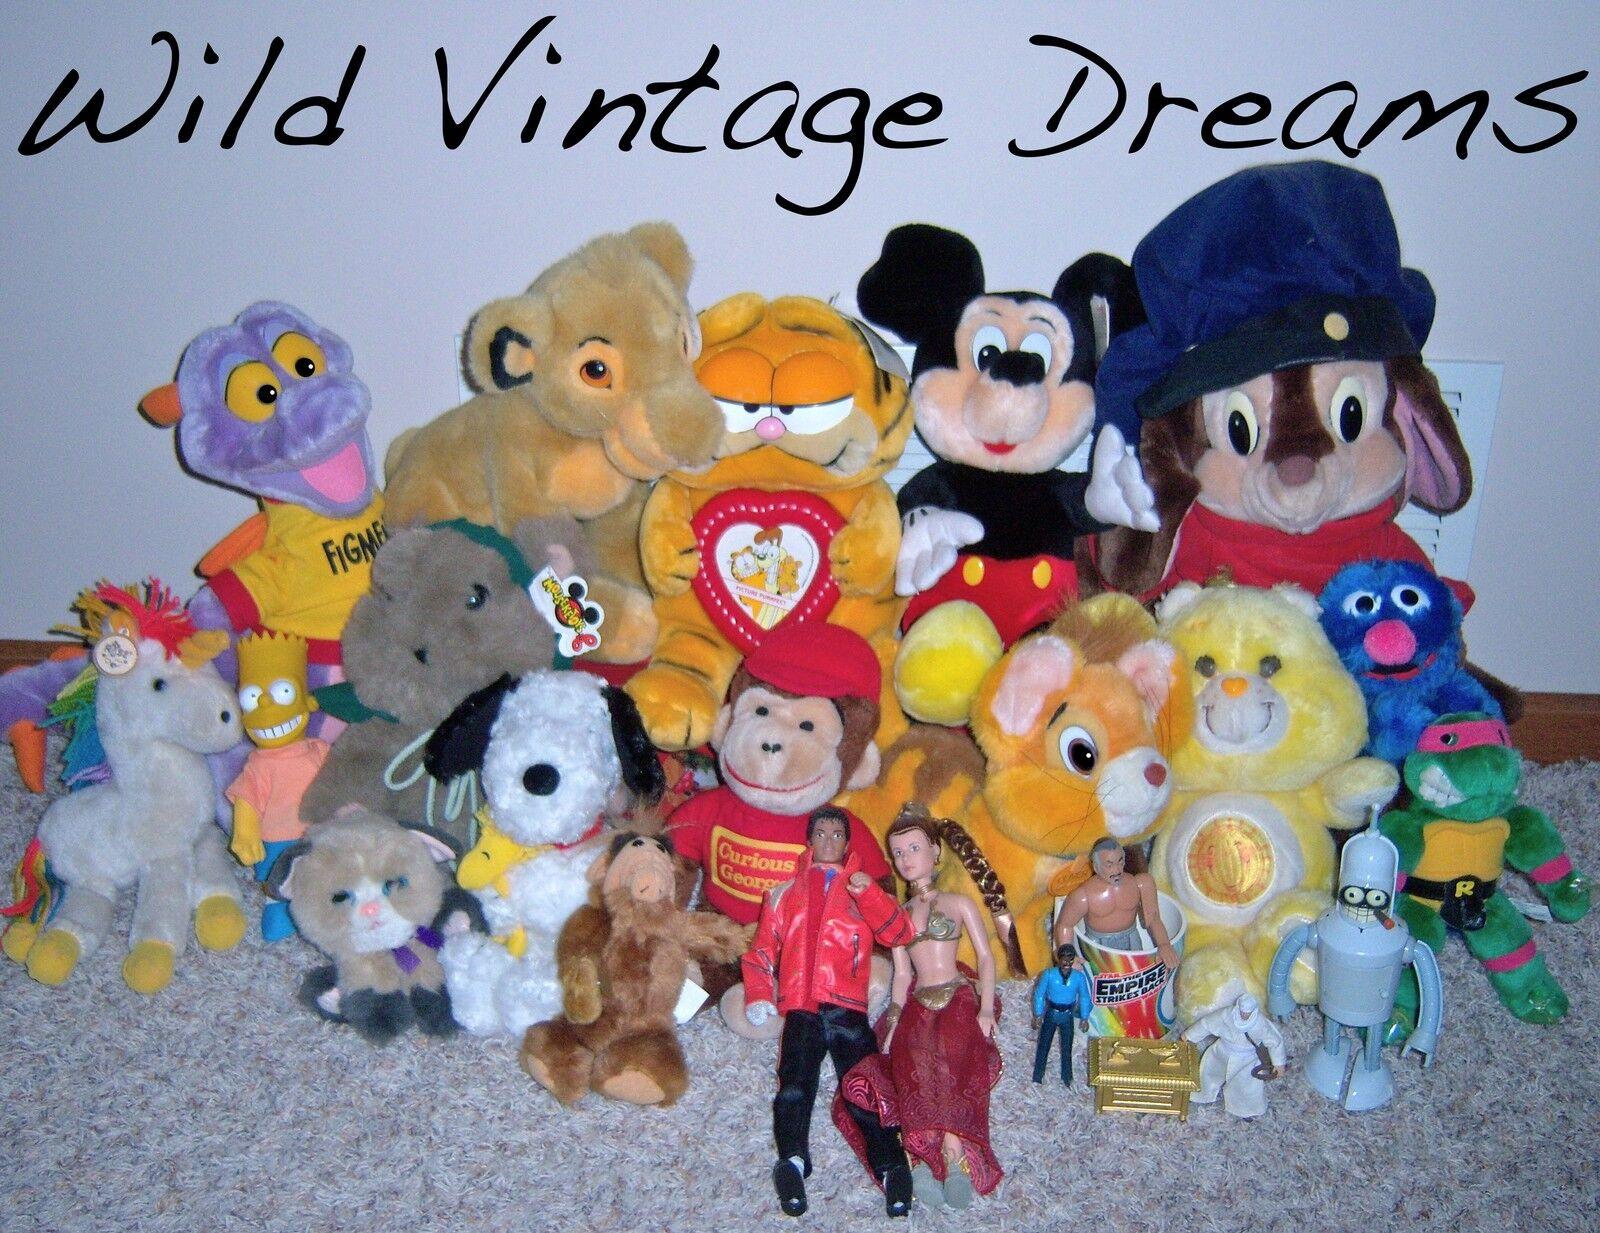 Wild Vintage Dreams